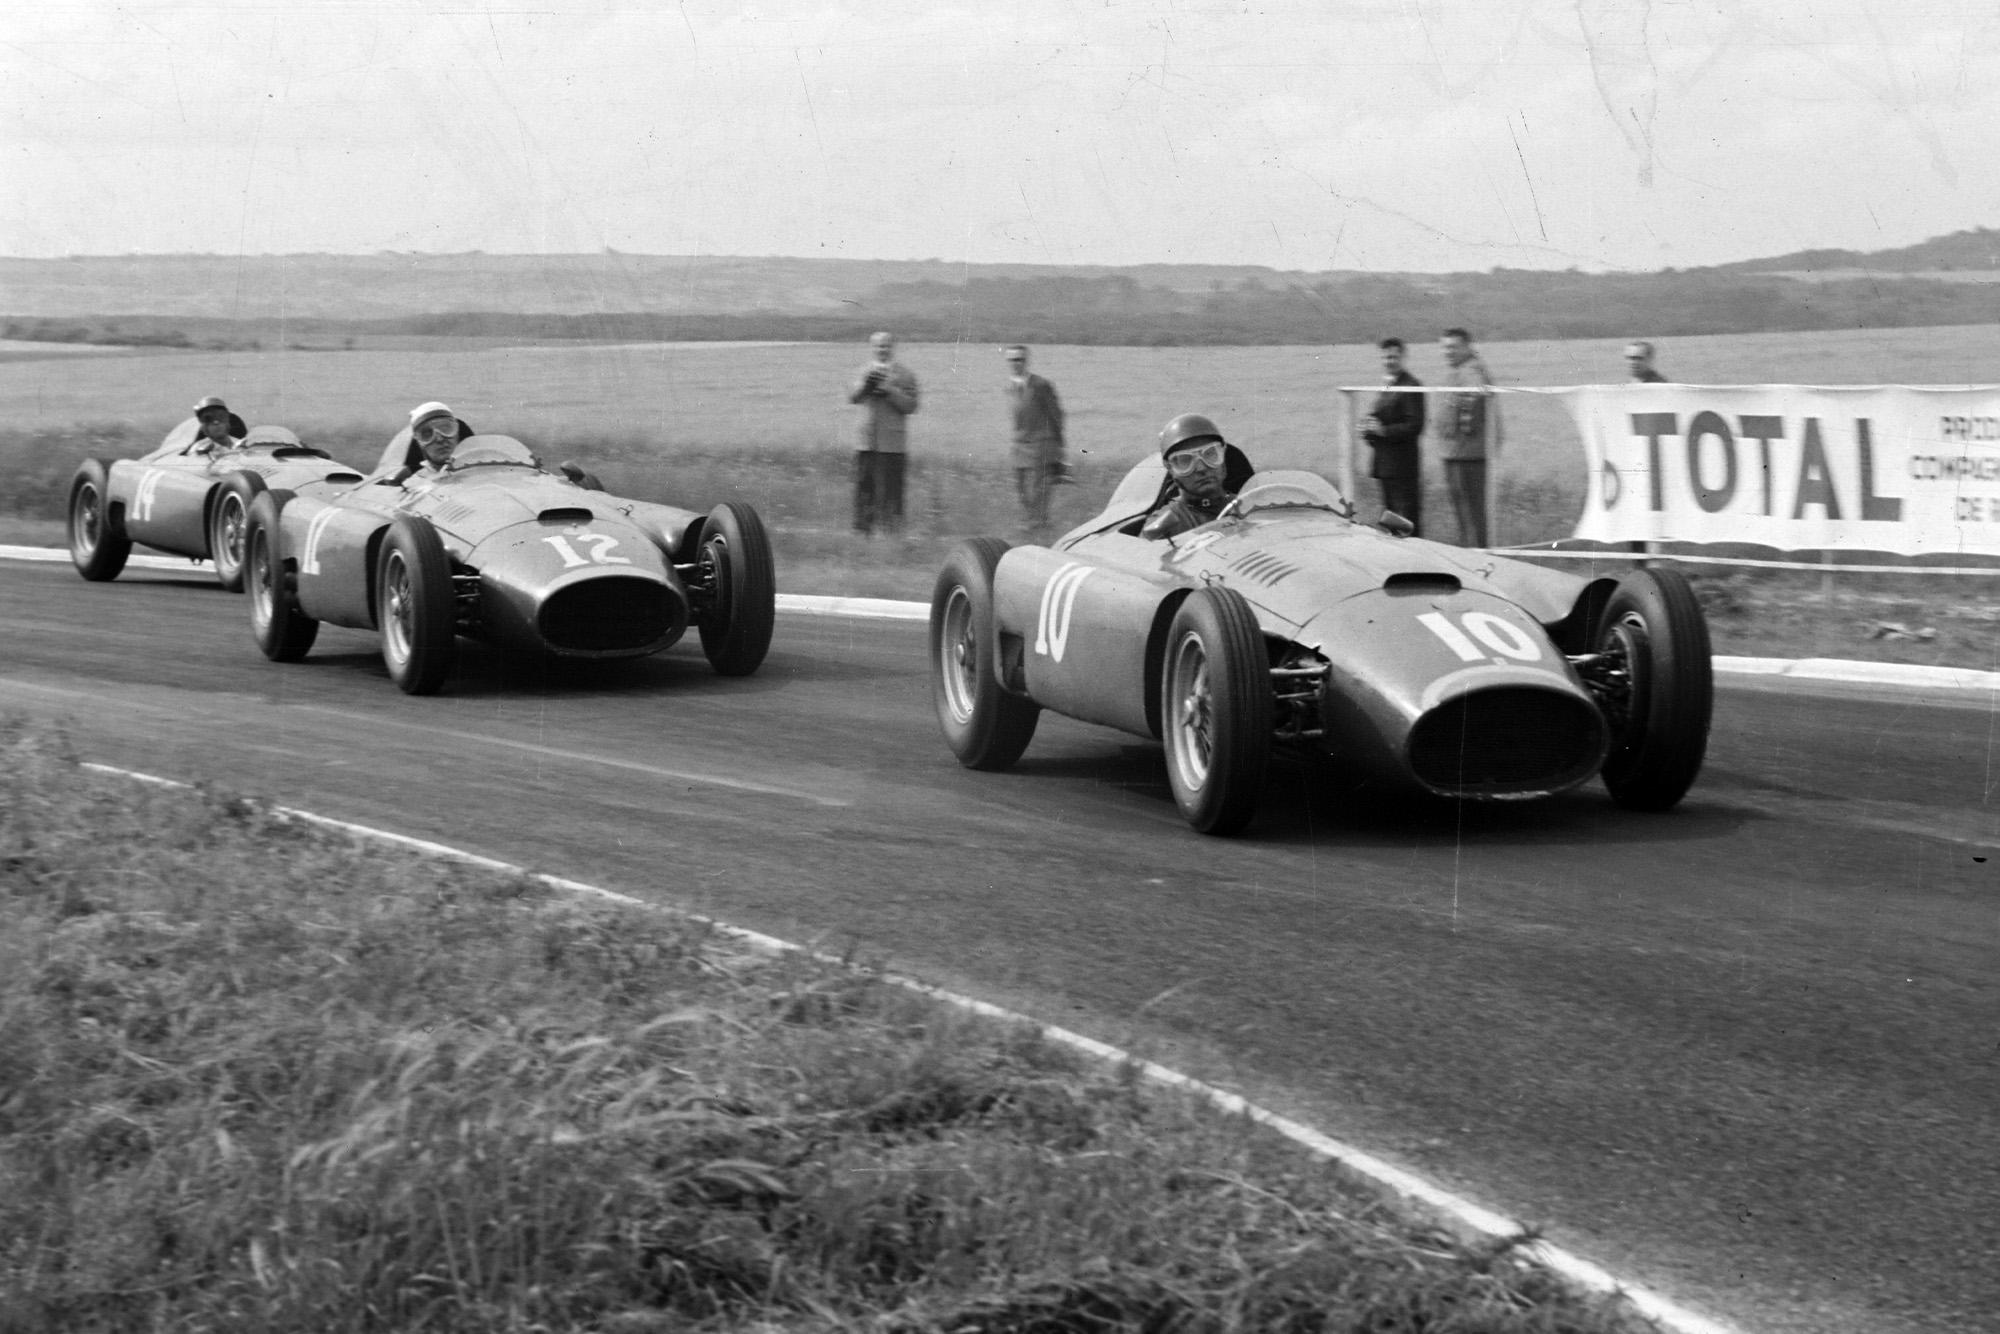 Castellotti leads Fangio and Collins